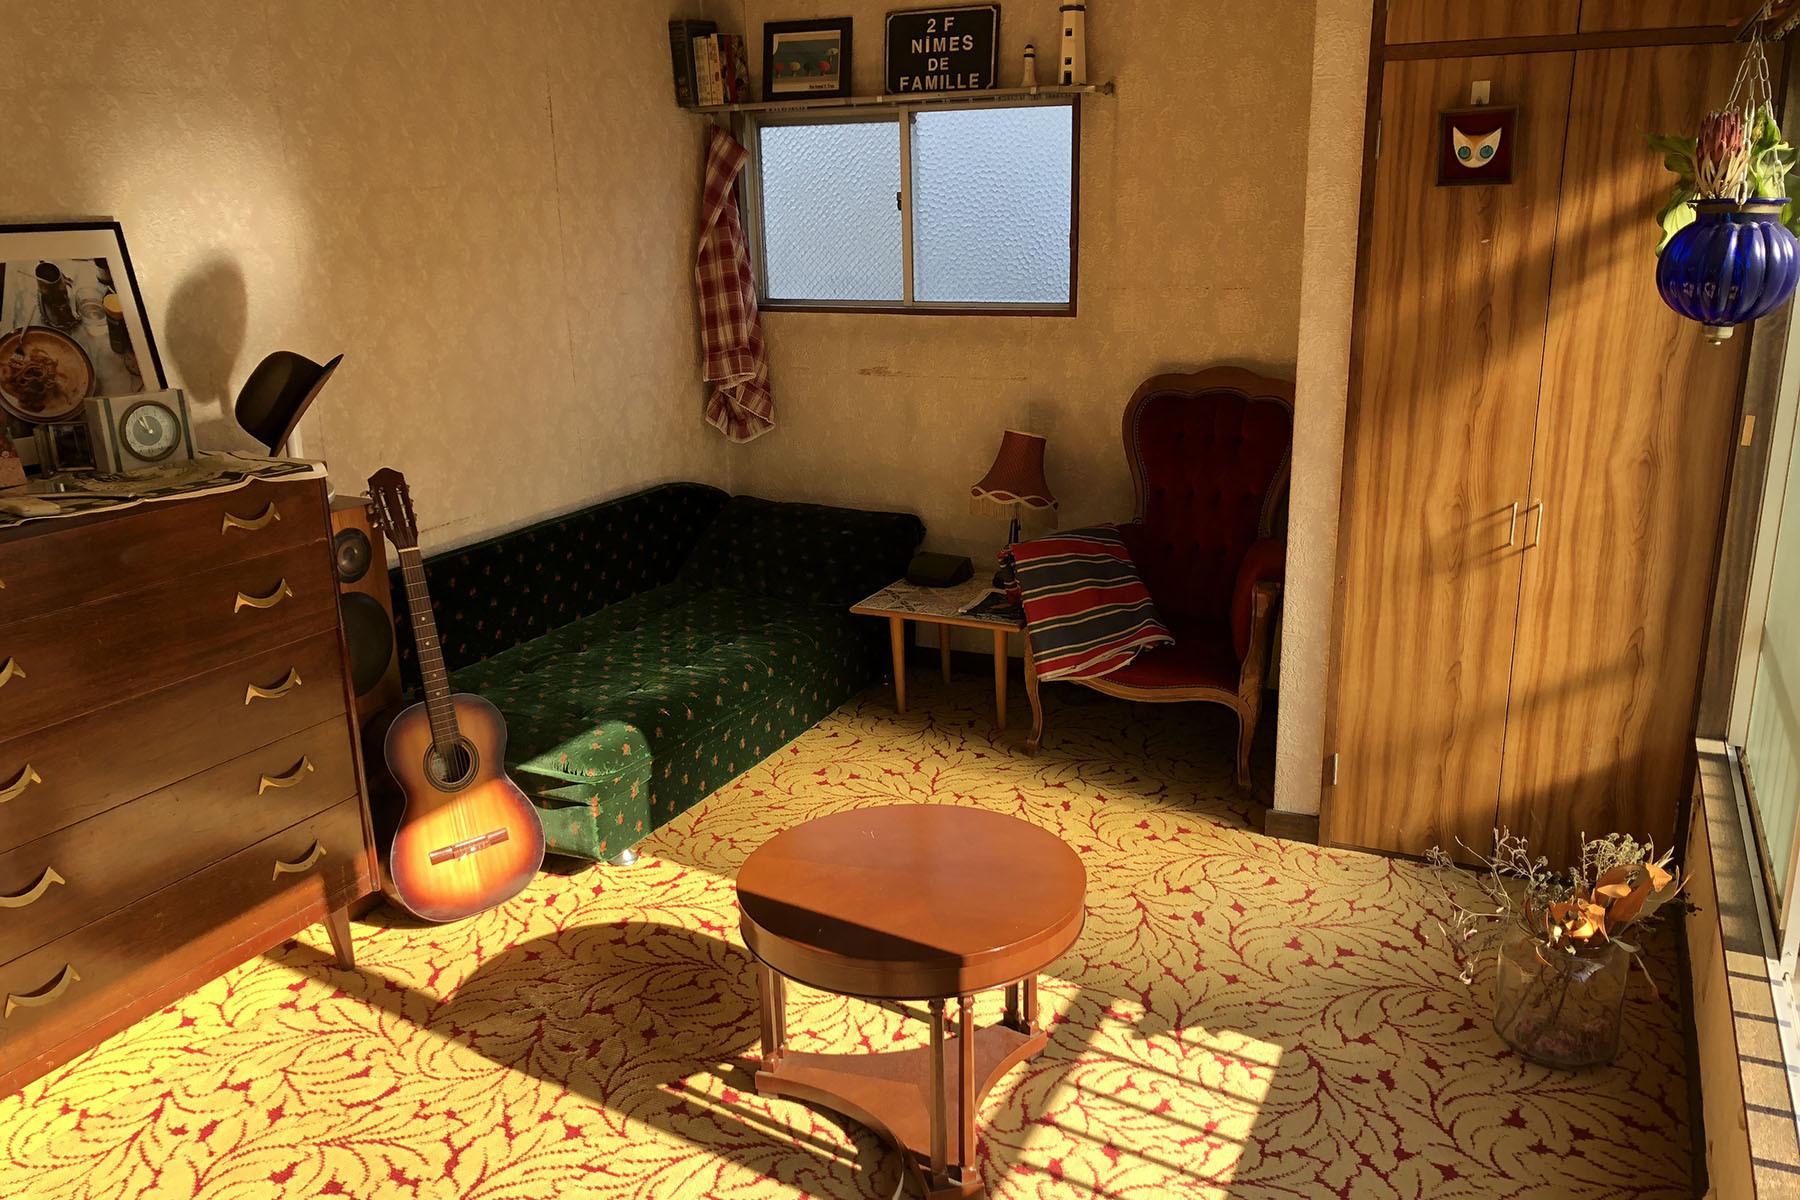 塩/シェアアトリエ (ropeマネジメントスペース)3F レトロ壁紙と絨毯の洋室